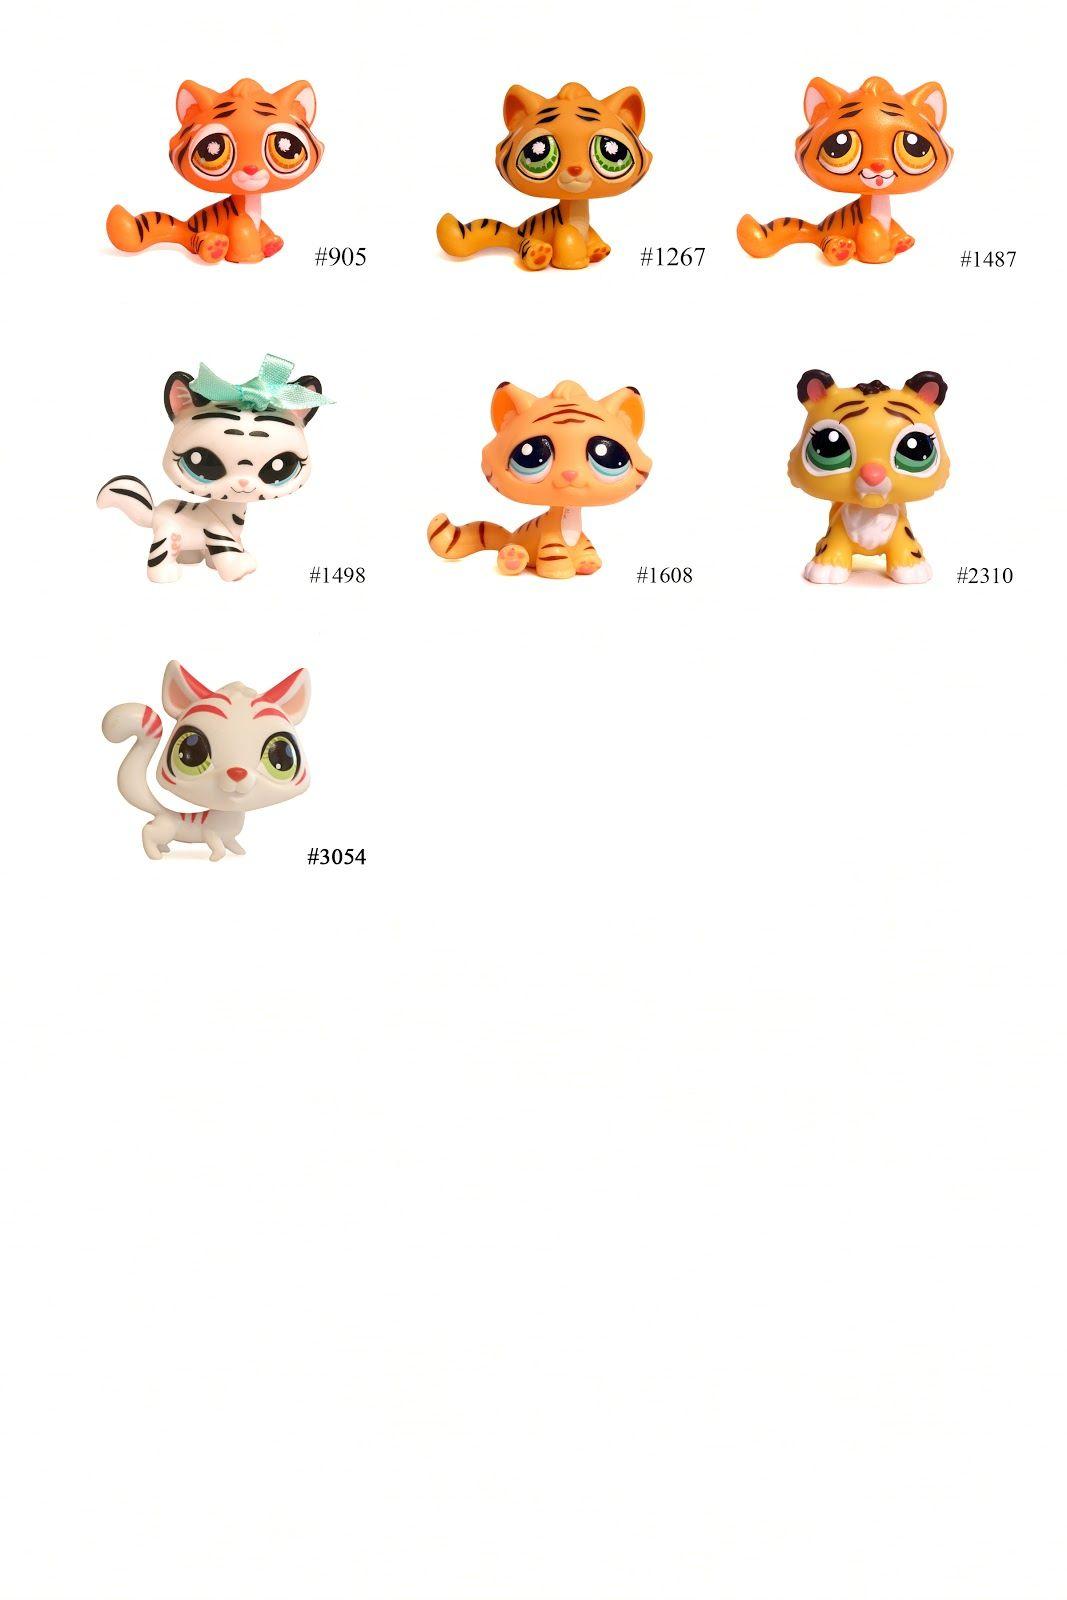 Nicole S Lps Blog Littlest Pet Shop Pets Tiger Lps Pets Lps Littlest Pet Shop Little Pets